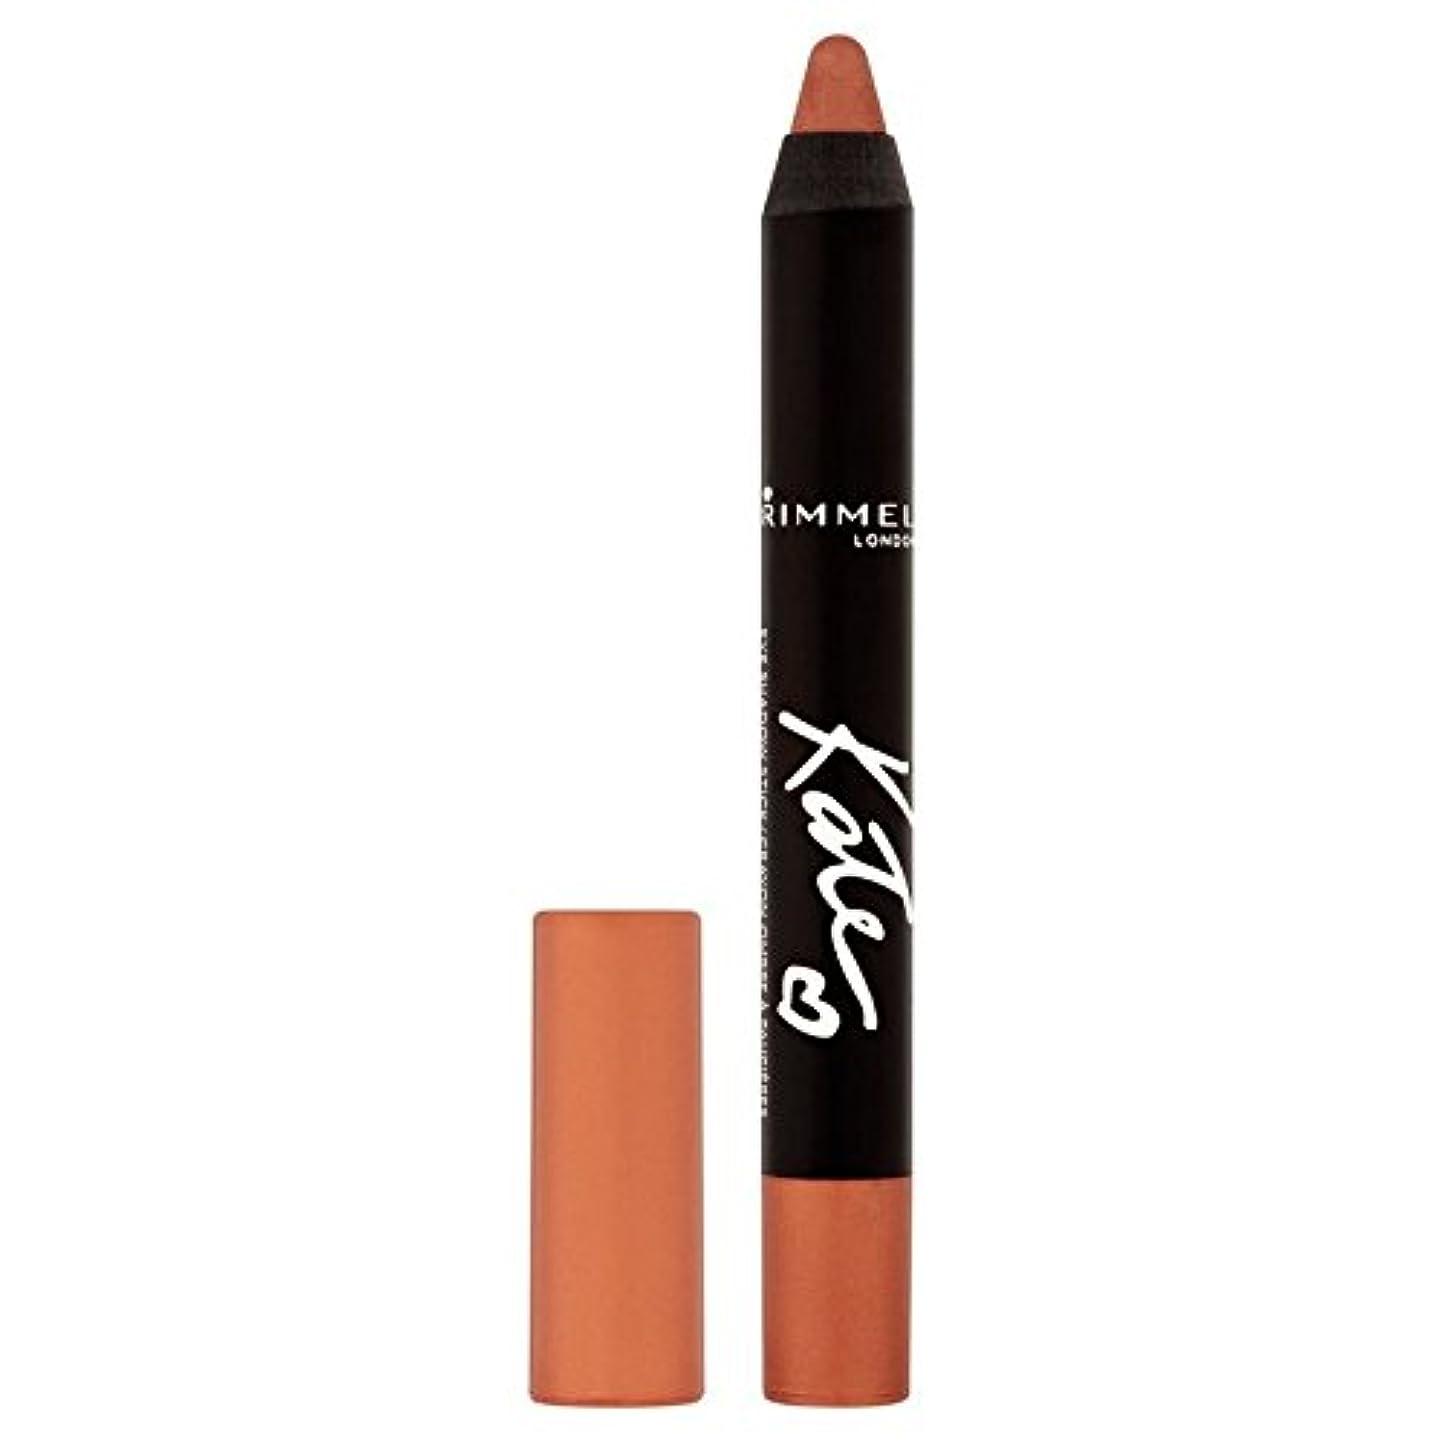 前進と闘うマカダムリンメルケイト版シャドウスティック、金3グラムローズ x4 - Rimmel Scandaleyes Kate Edition Shadow Stick, Rose Gold 3g (Pack of 4) [並行輸入品]